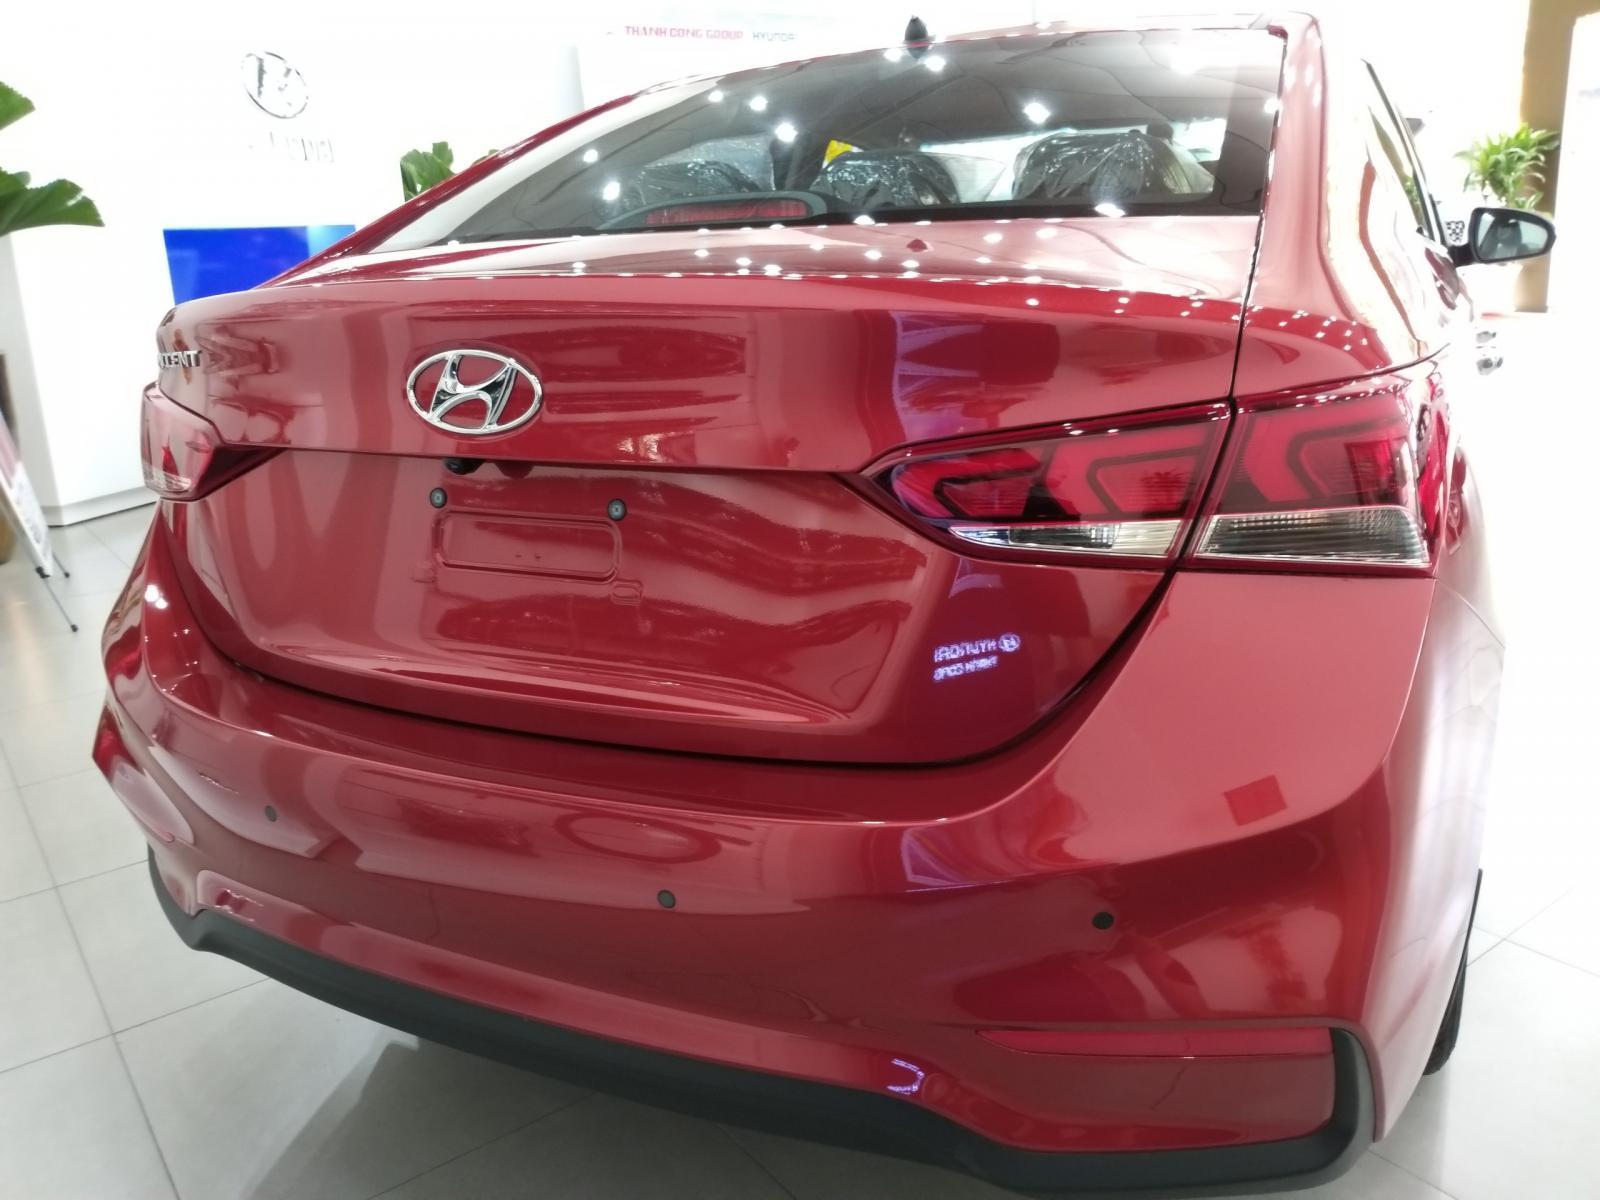 Bán xe Hyundai Accent AT 2019 thường giá tốt tại Hyundai An Phú